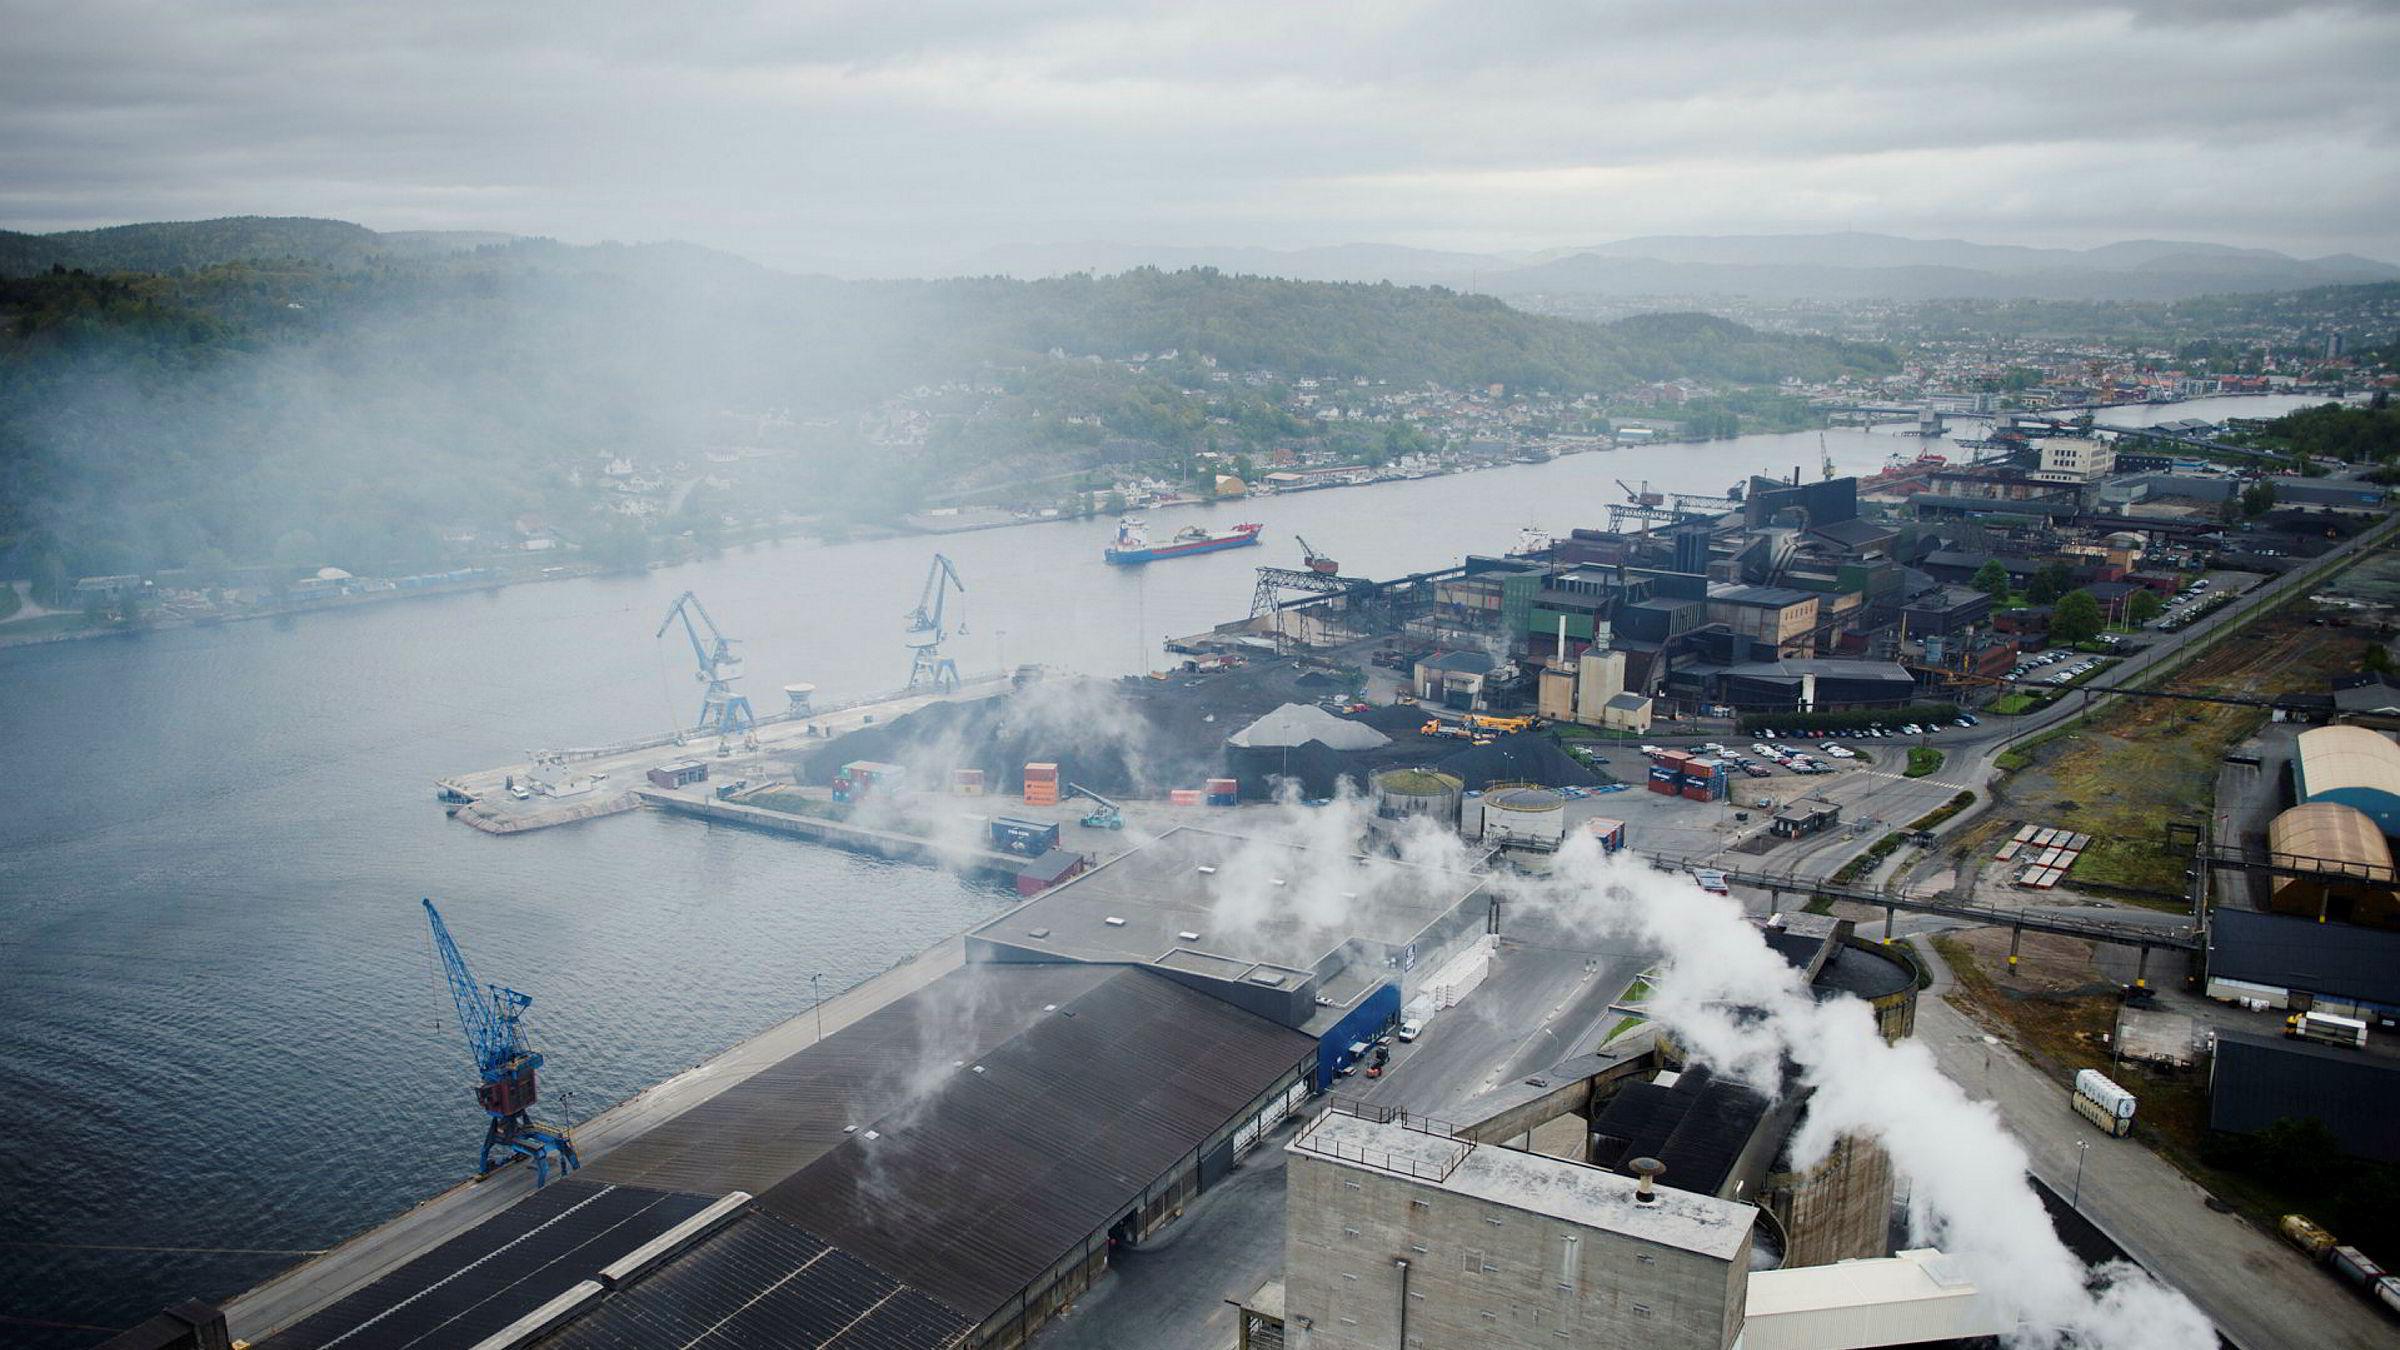 SSB la fredag også frem ferske tall for norsk industriproduksjon i desember. Den viser en paddeflat utvikling fra november til desember, og en marginal nedgang på 0,2 prosent fra tredje kvartal til fjerde kvartal. Bildet viser en av Yaras fabrikker i Porsgrund.